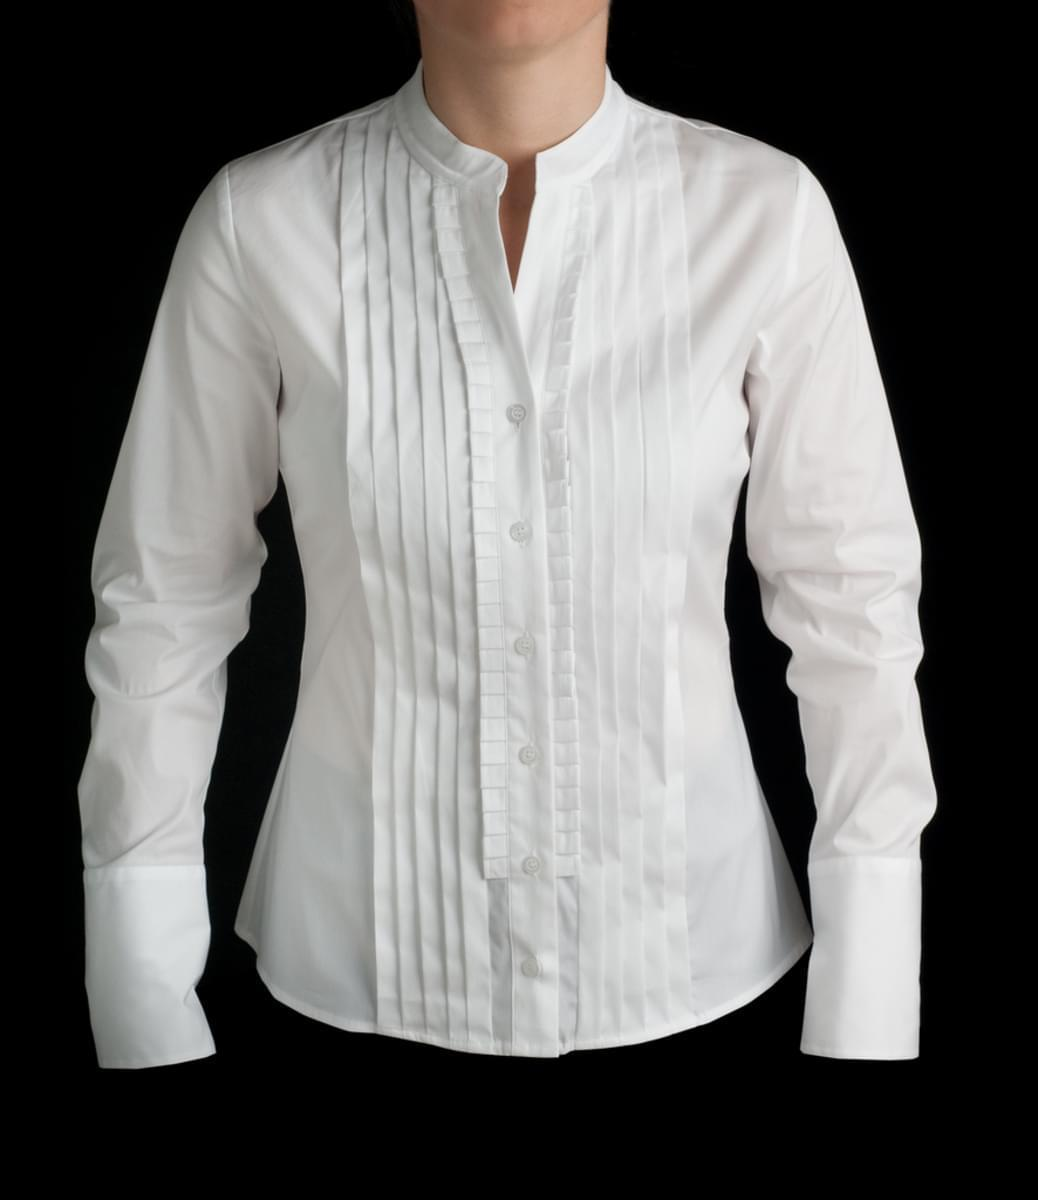 Dámská košile Willsoor 293 v bílé barvě 38